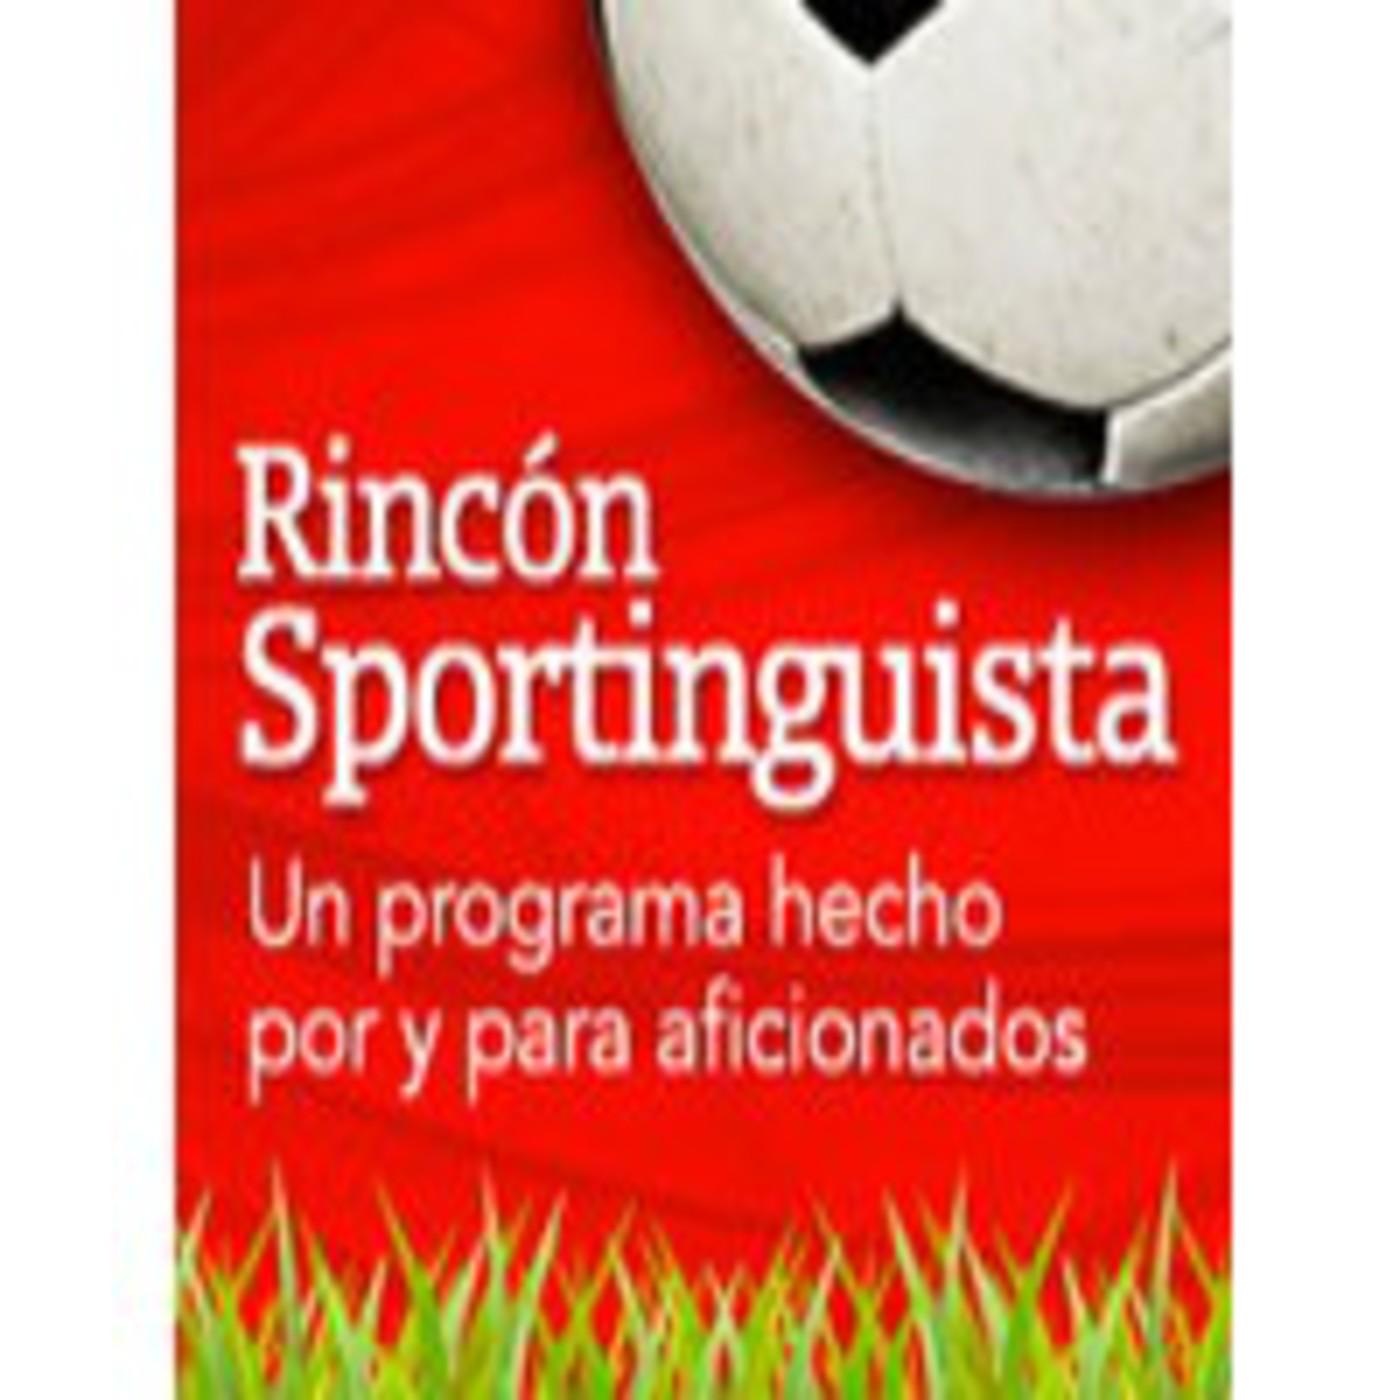 Rincon Sportinguista programa41